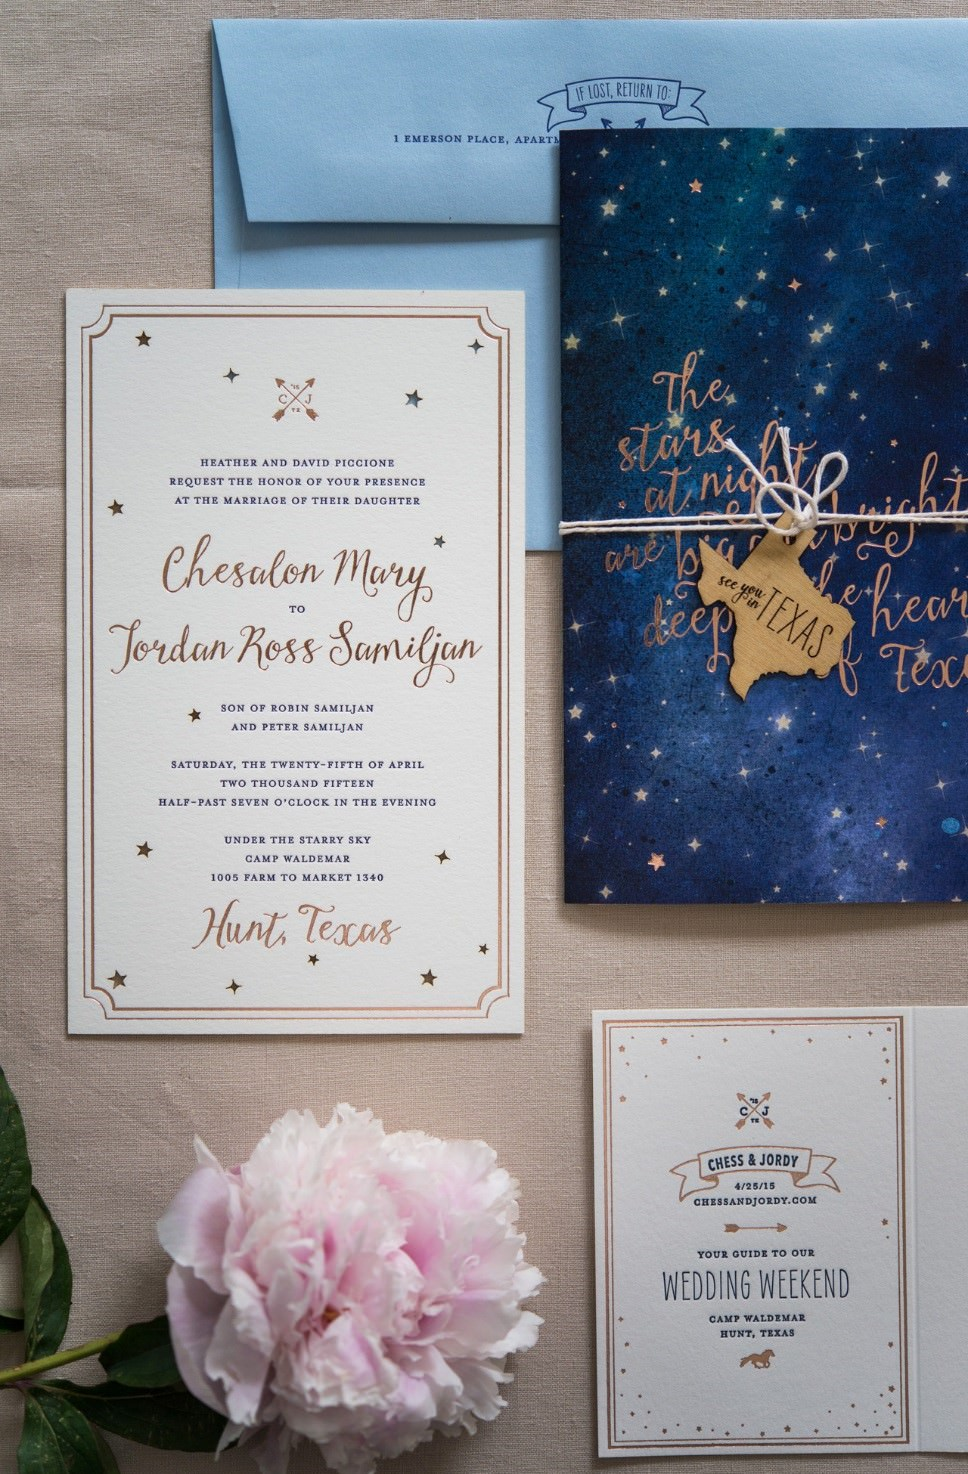 Gece & Yıldız Temalı Düğün Davetiyesi